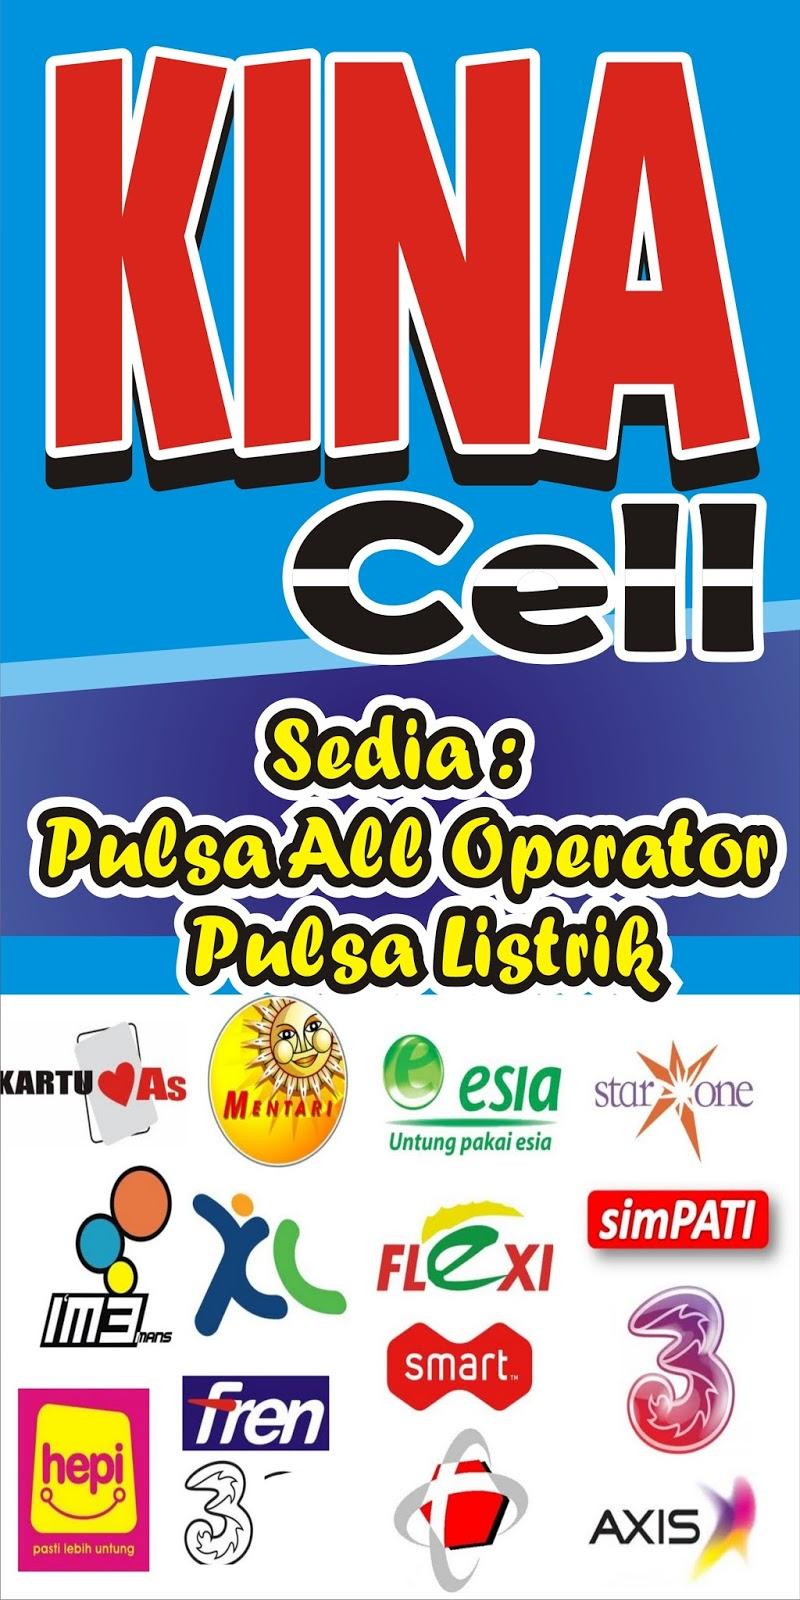 Download Contoh Spanduk Konter Pulsa.cdr - KARYAKU